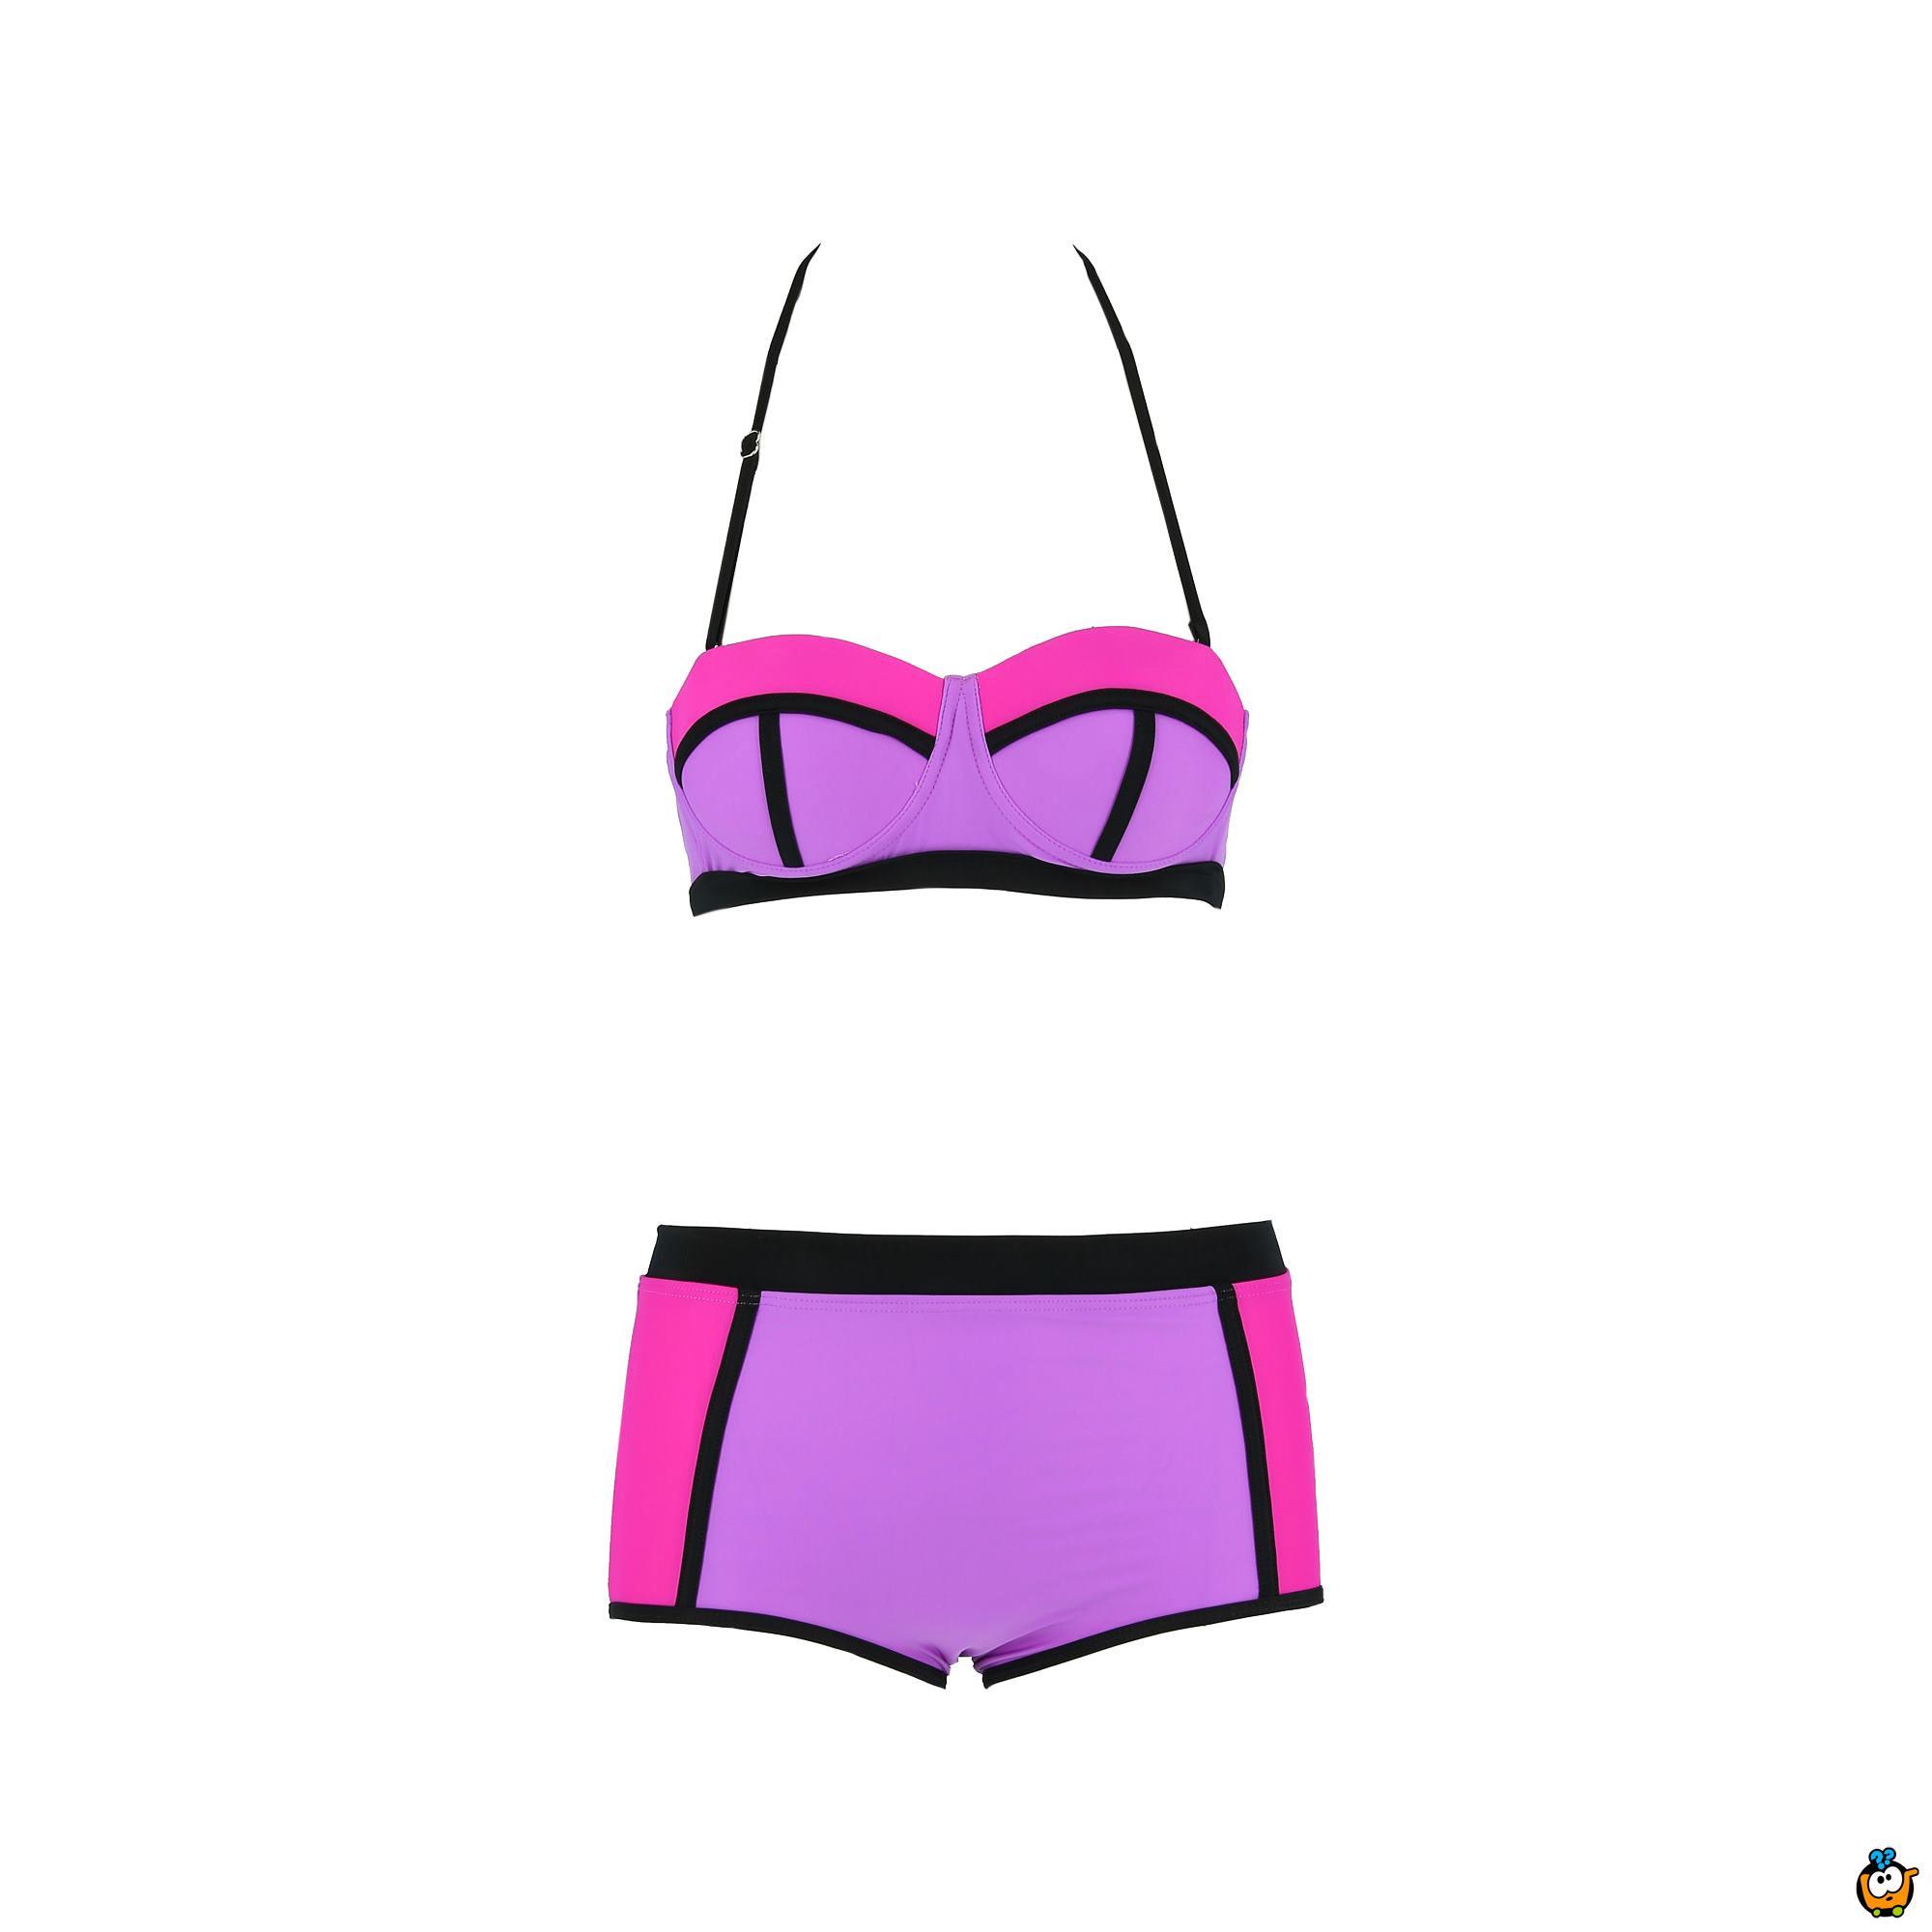 Dvodelni ženski kupaći kostim - LINES MIX PINK